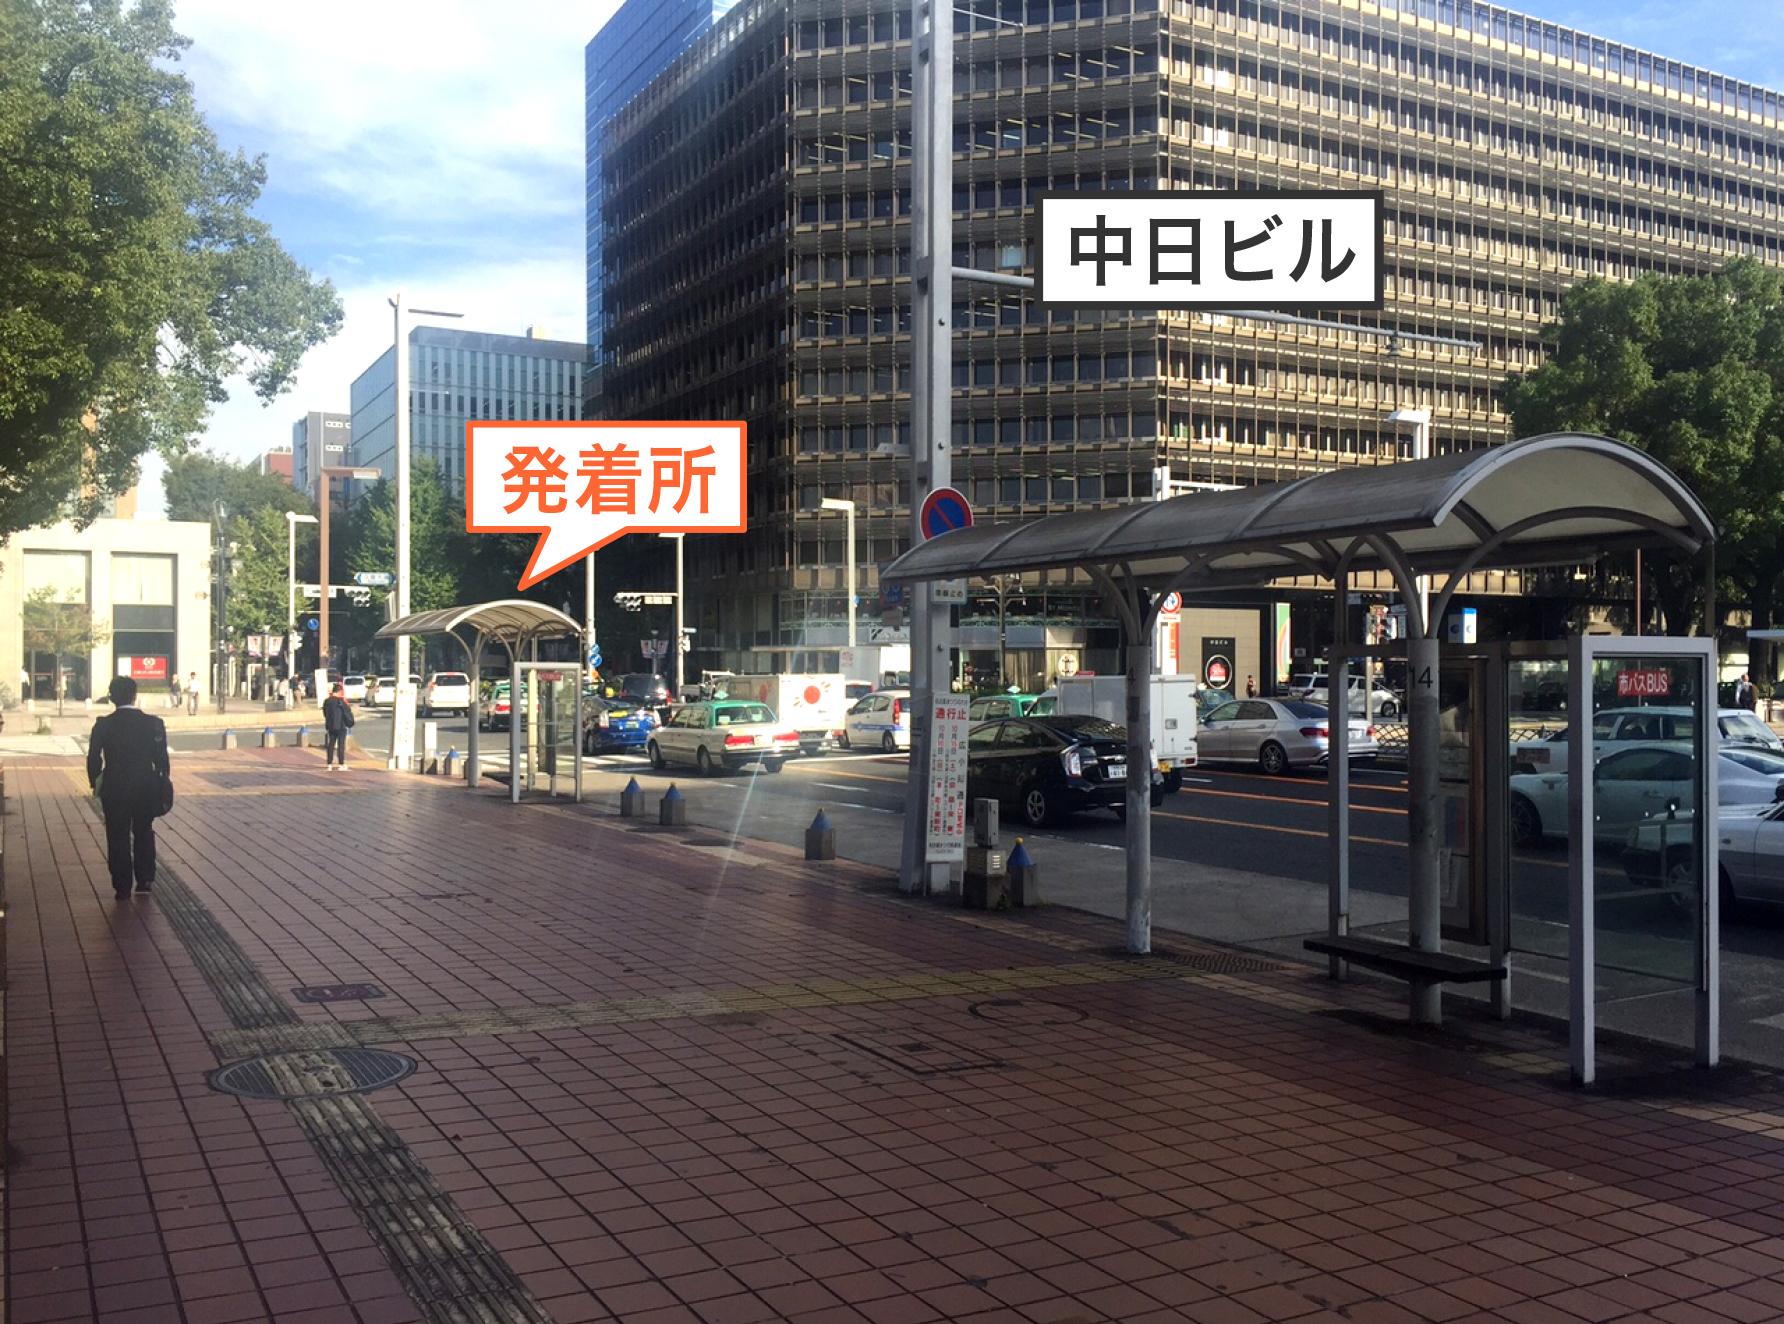 161128_s_bus_ph3